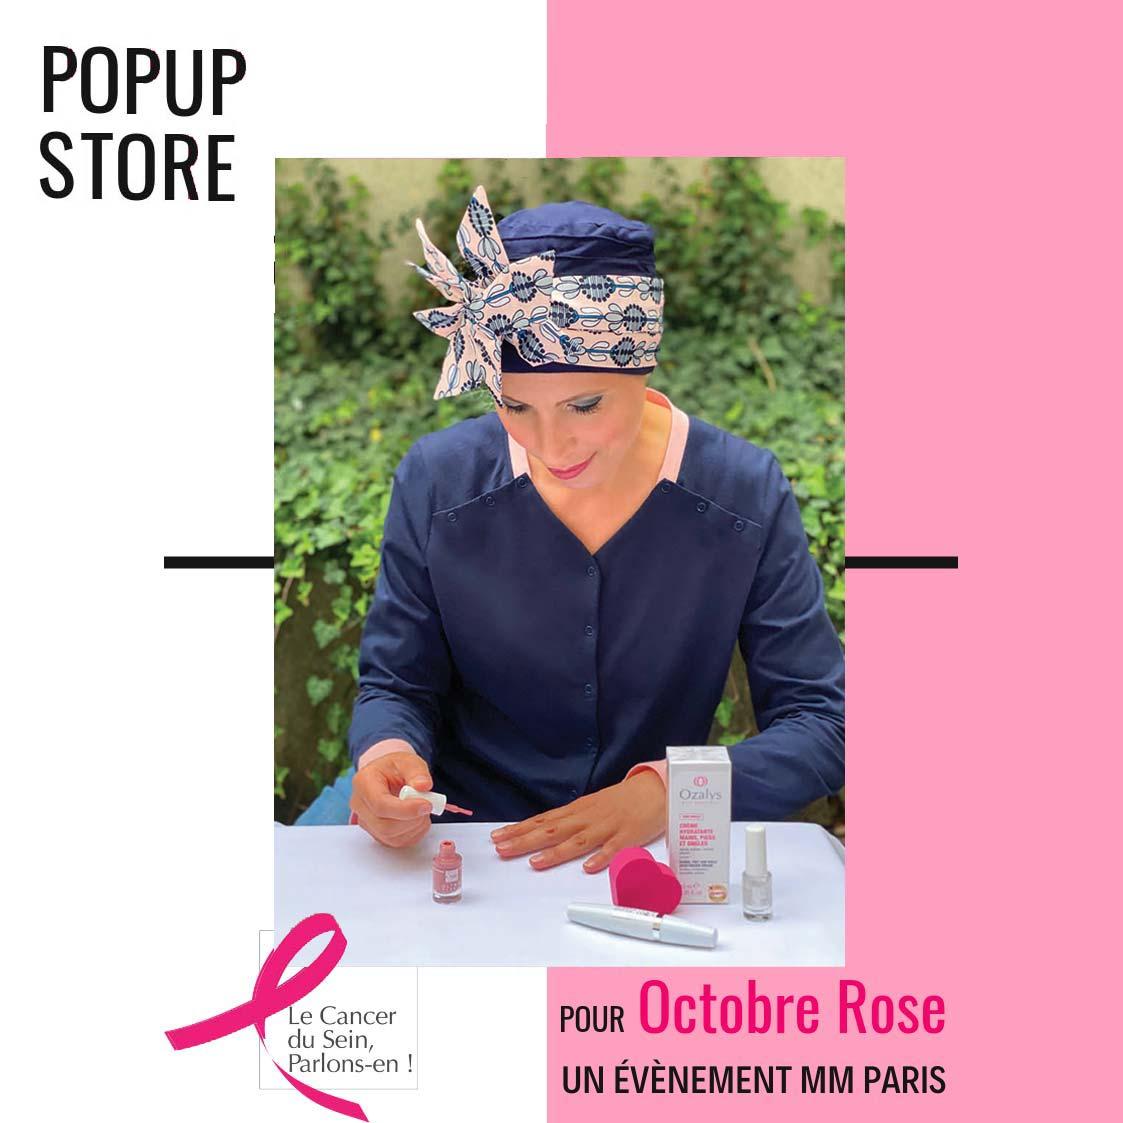 Pop Up Store à Lyon Octobre Rose, ateliers, conférence, rencontres et échanges 1 Place Bellecour